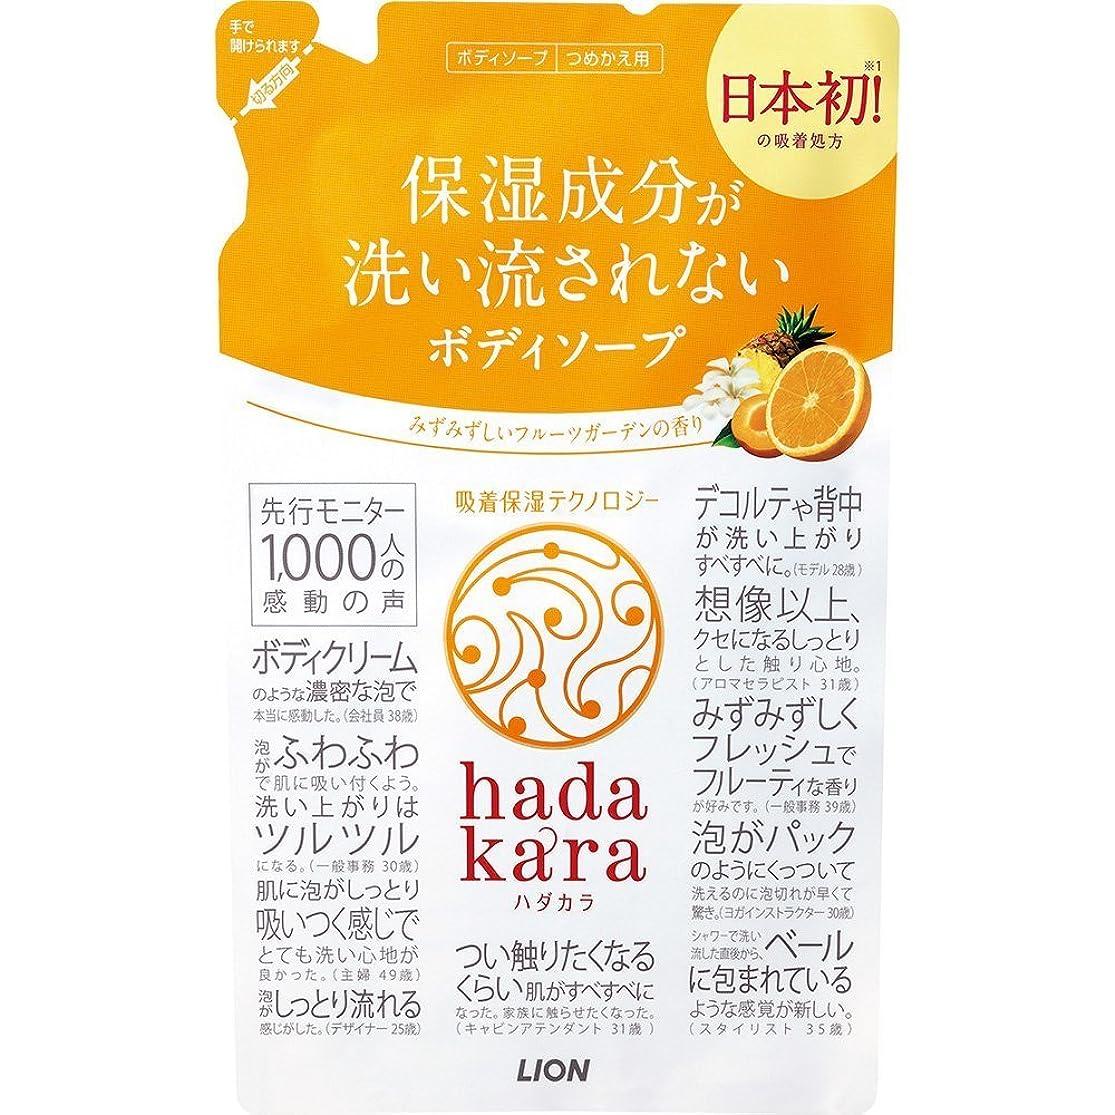 デンプシー余韻構造hadakara(ハダカラ) ボディソープ フルーツガーデンの香り 詰め替え 360ml